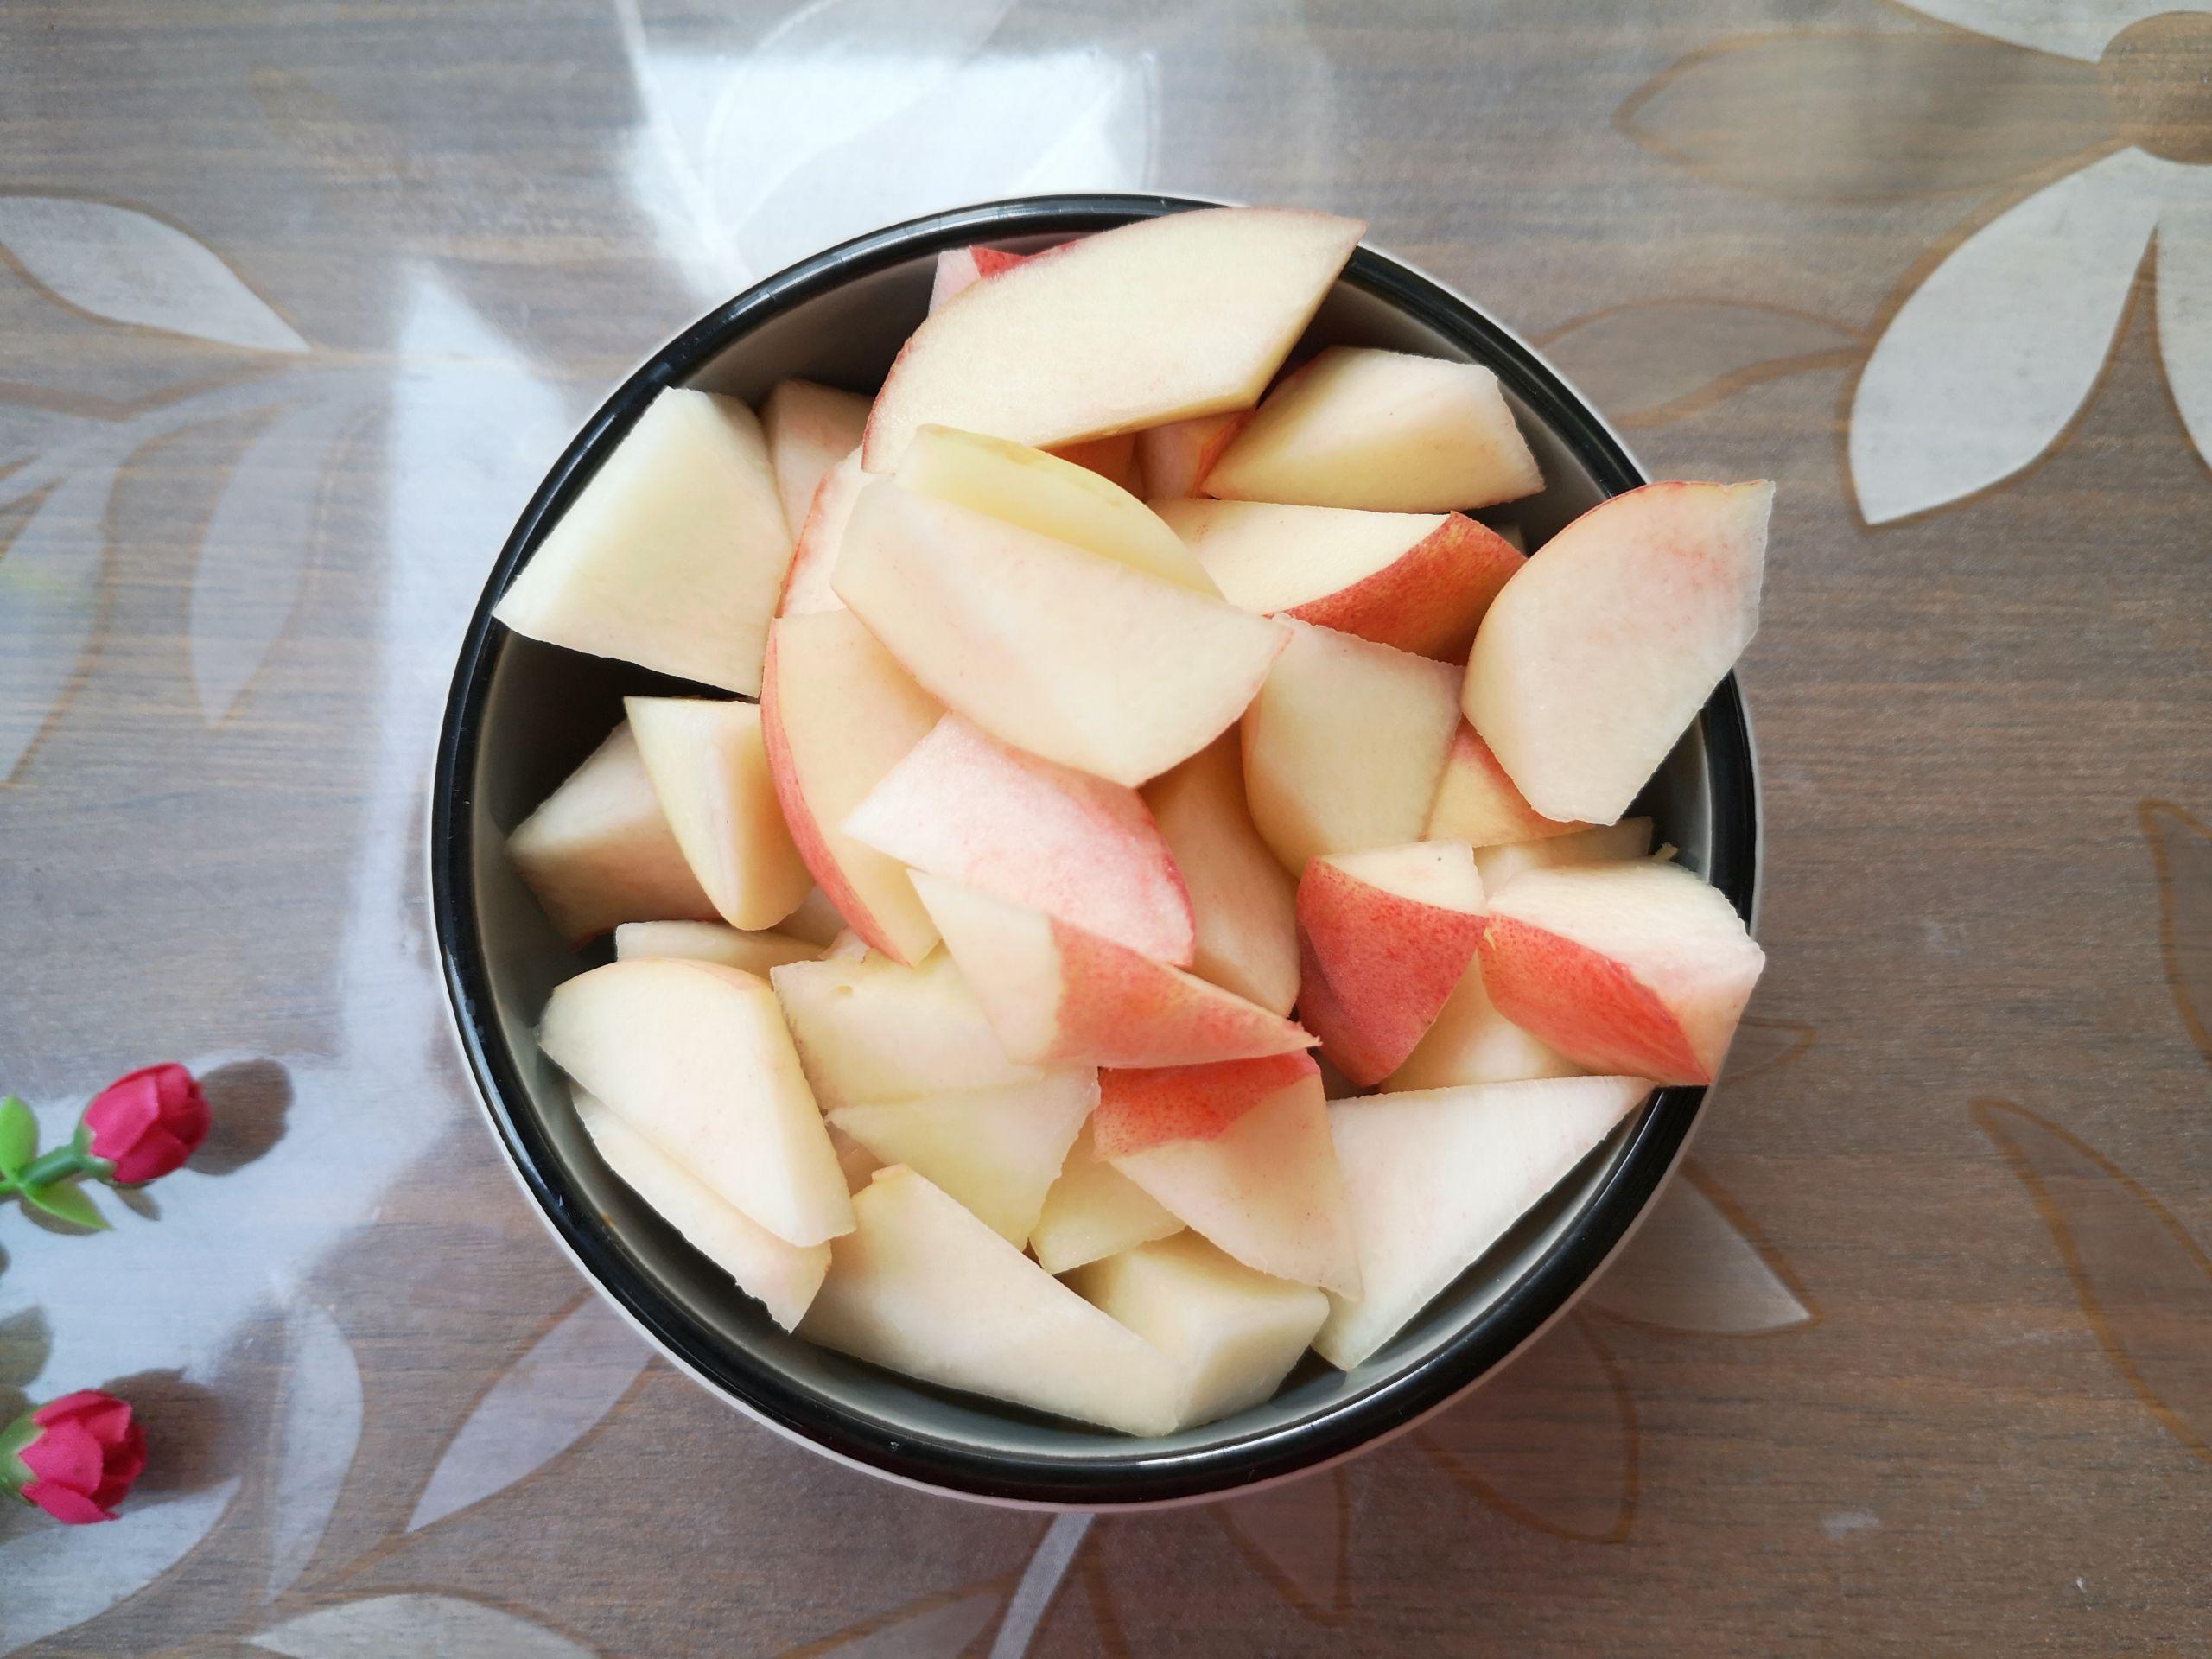 冰糖桃的做法图解